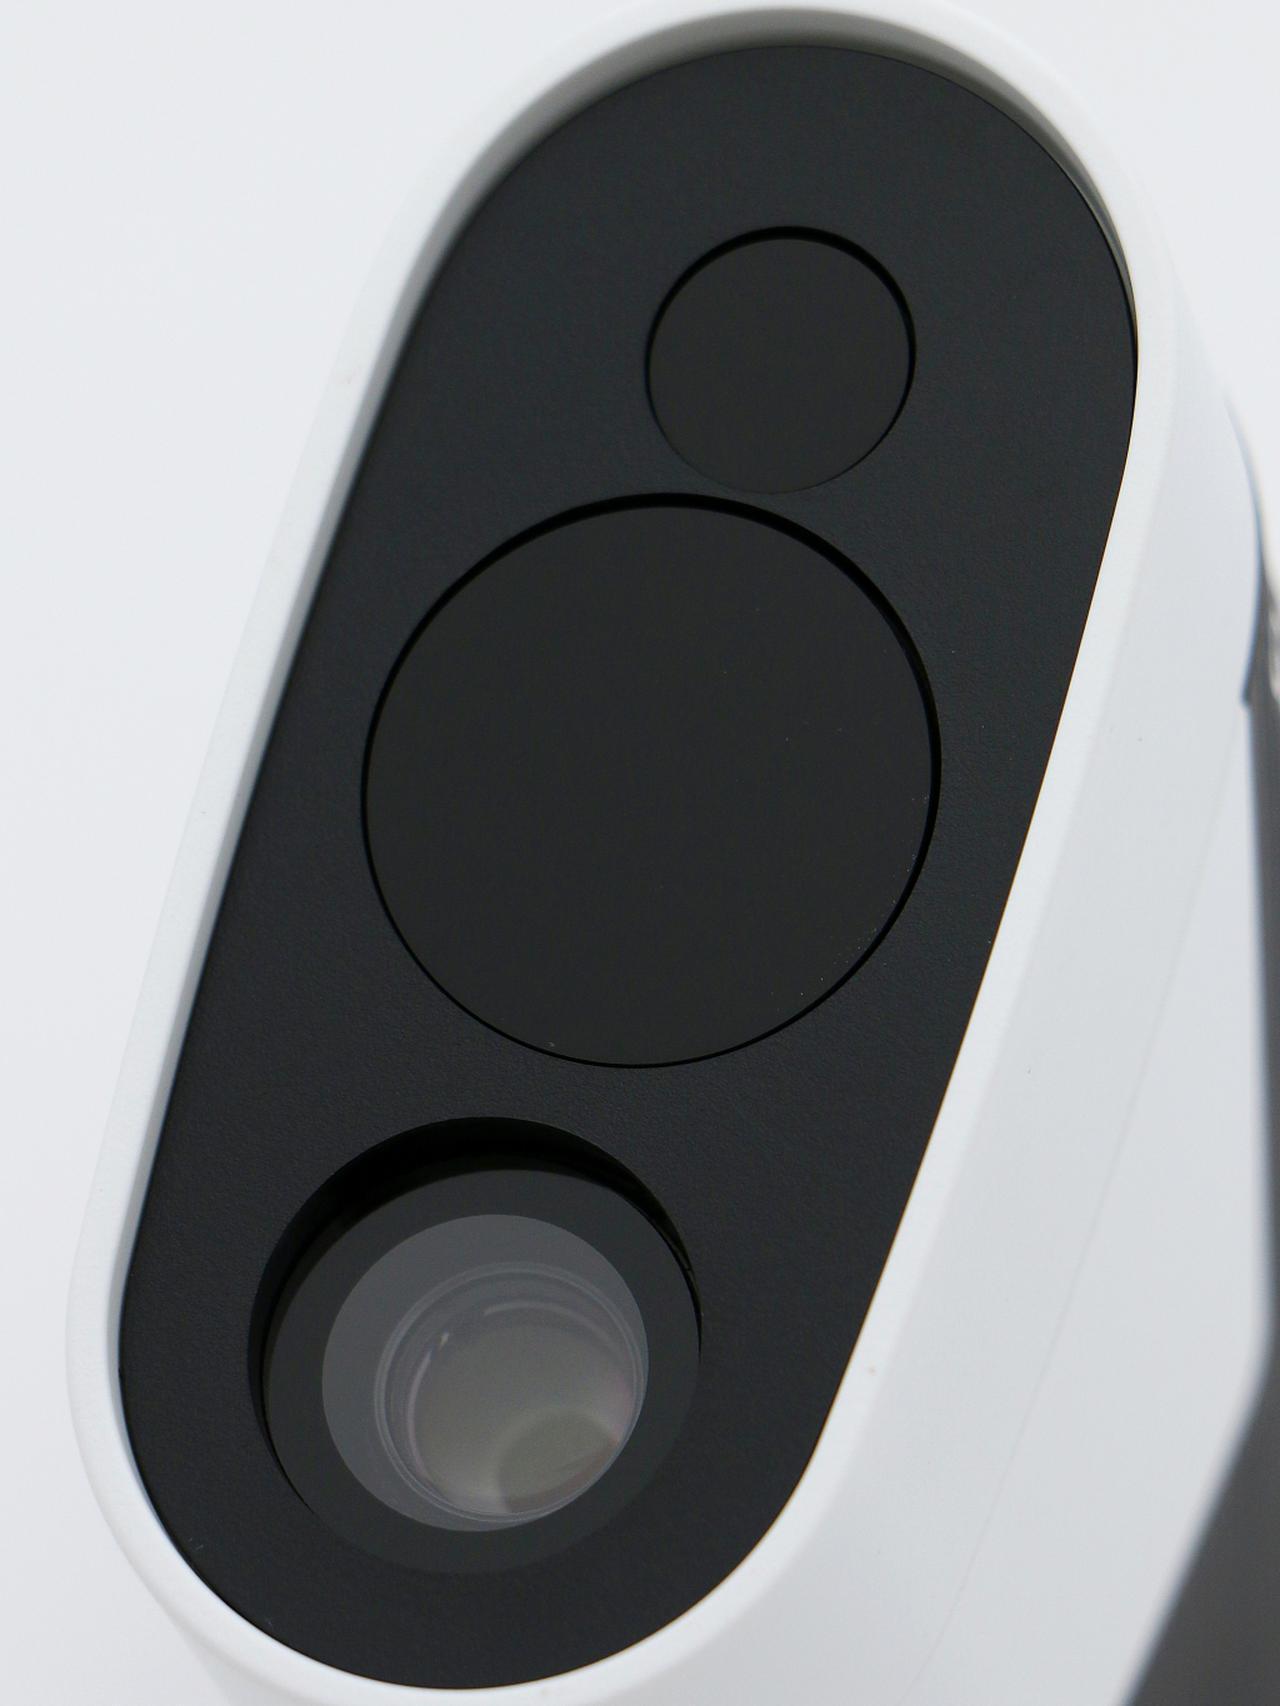 画像: 高機能レンズを搭載。自動ズーム機能のおかげで目標にピントが合いやすい!